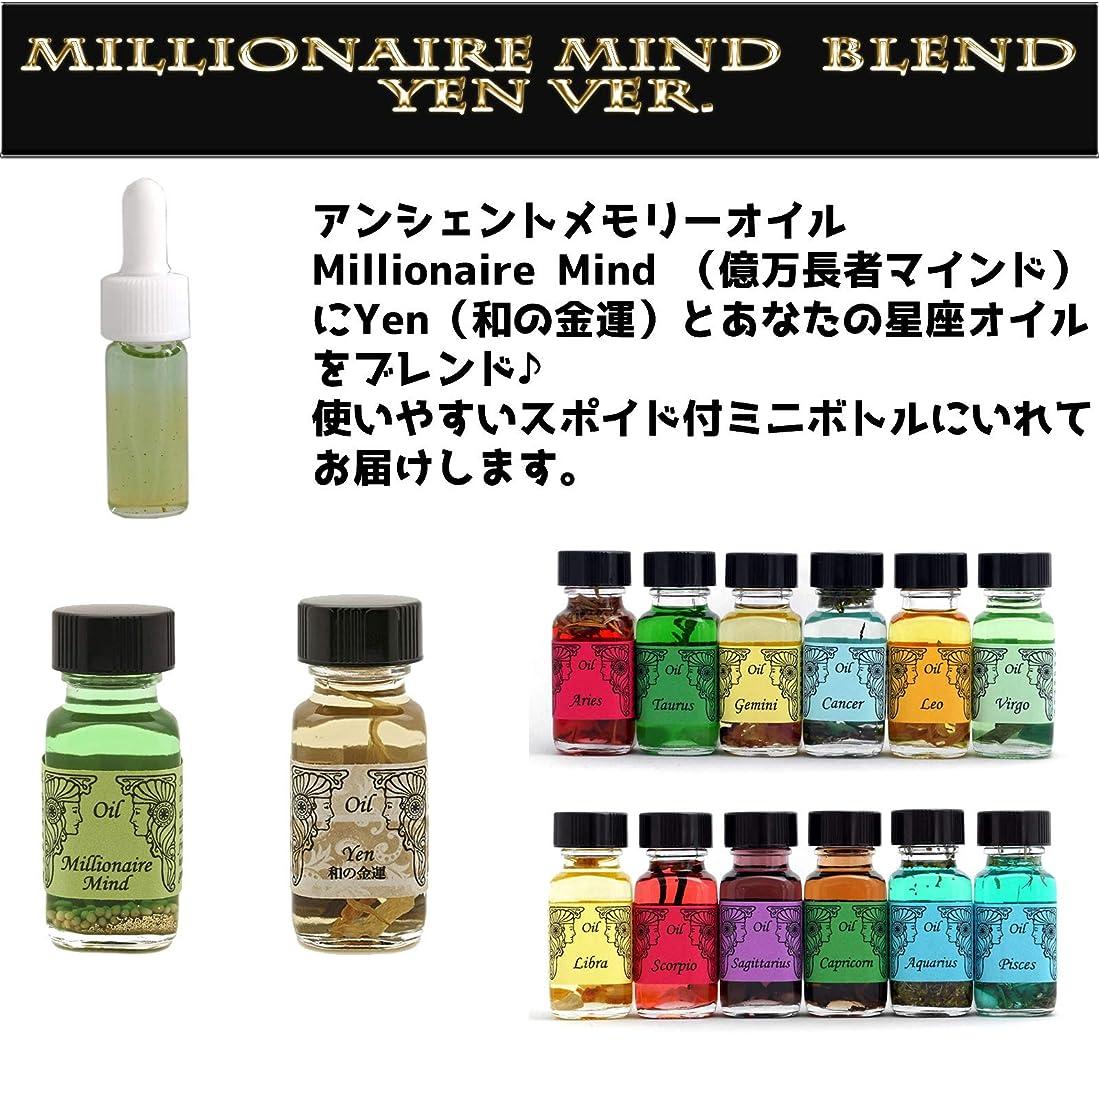 改革戸口便益アンシェントメモリーオイル Millionaire Mind 億万長者マインド ブレンド【Yen 和の金運&しし座】